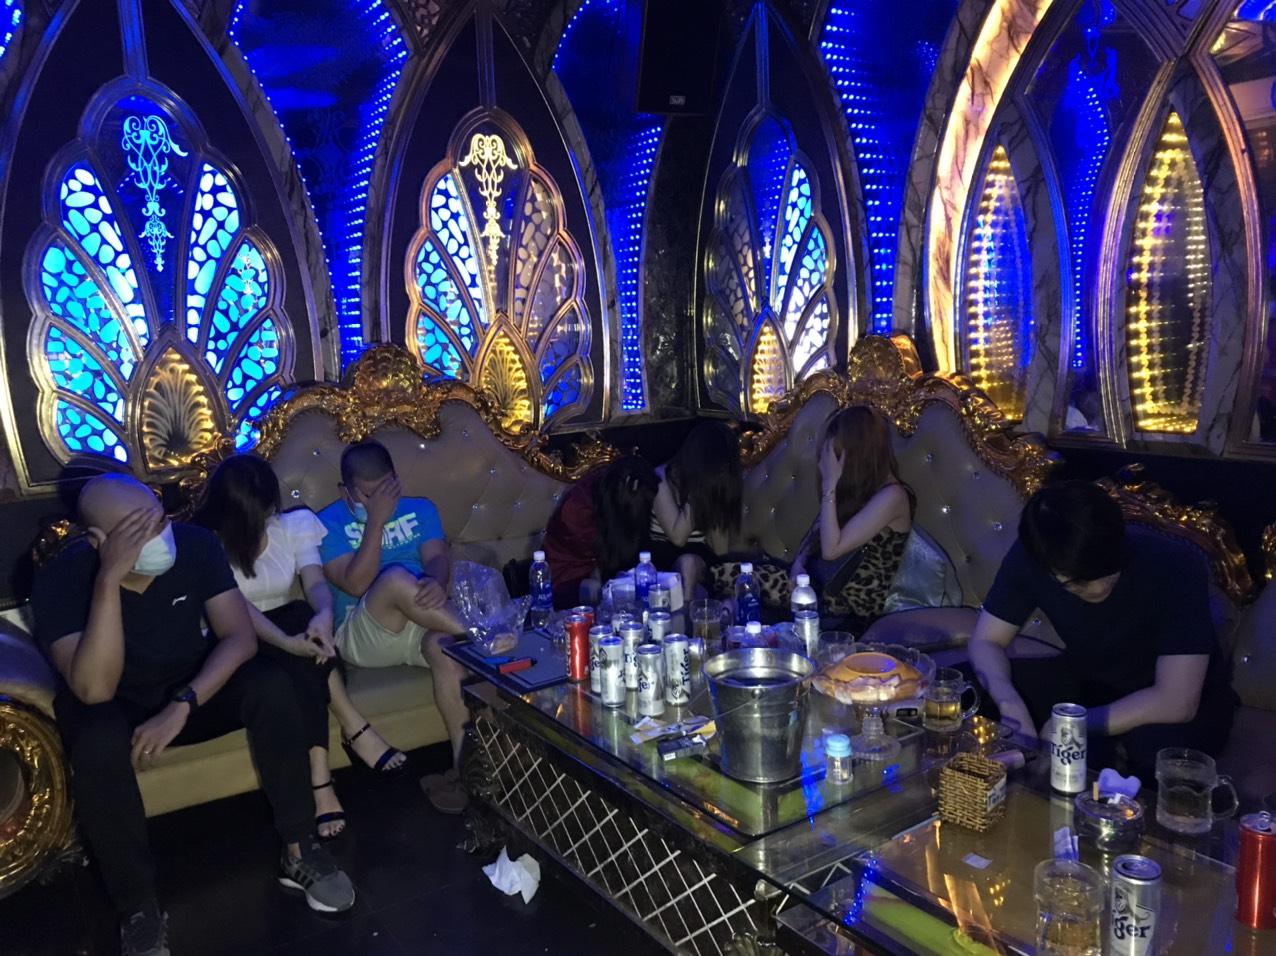 Cà Mau: Bất chấp quy định phòng chống dịch, nhóm người vào quán karaoke sử dụng ma túy - Ảnh 1.